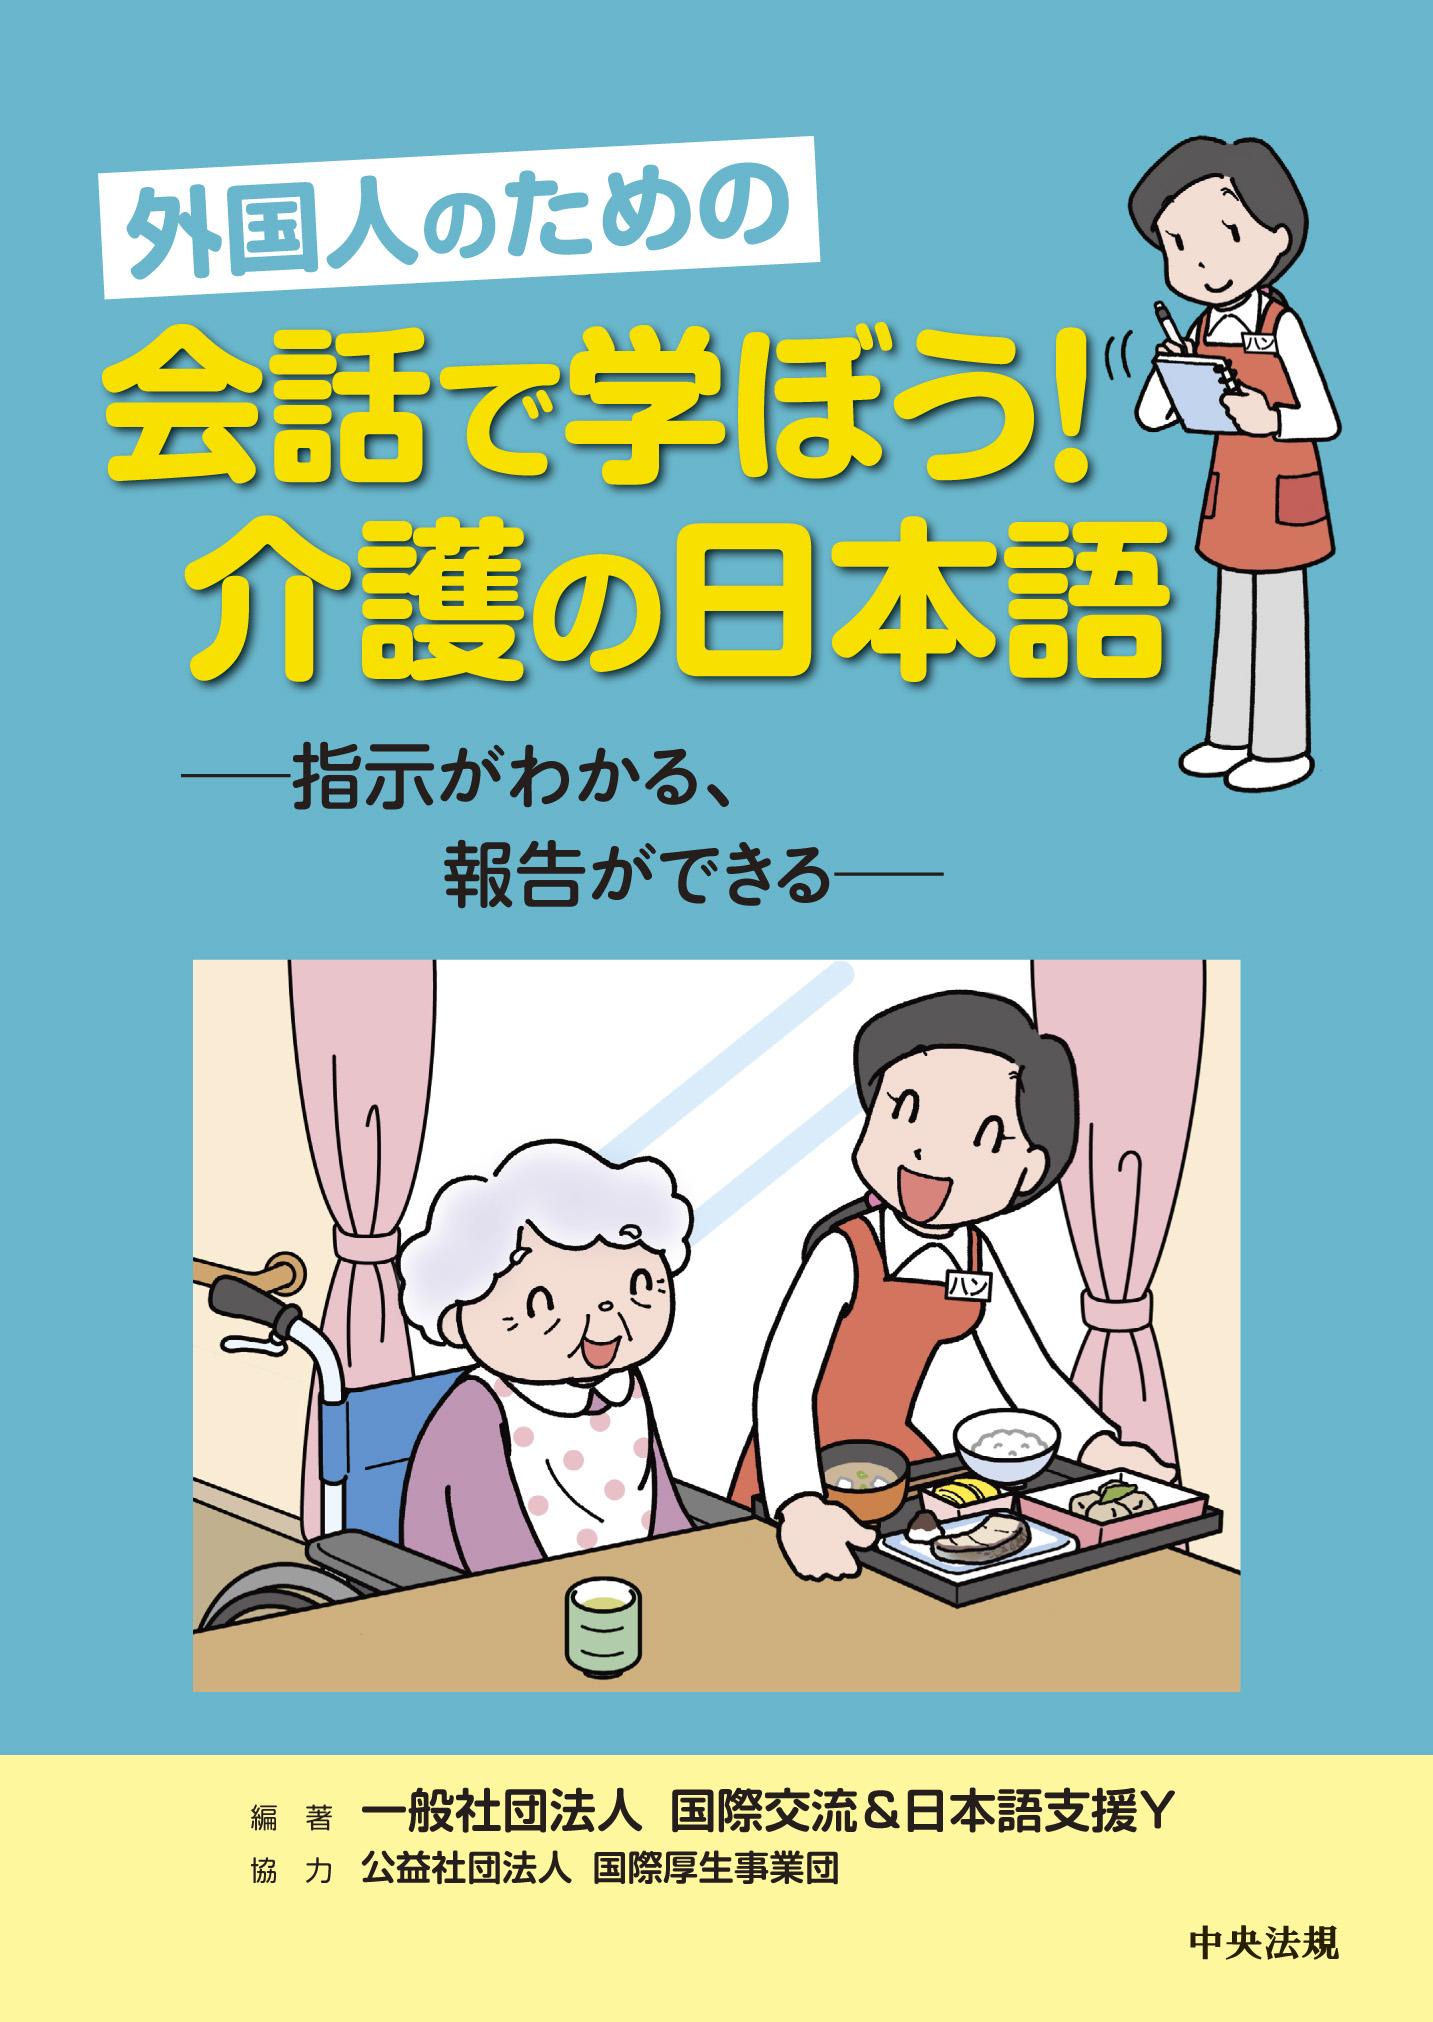 外国人のための「会話で学ぼう!介護の日本語」画像